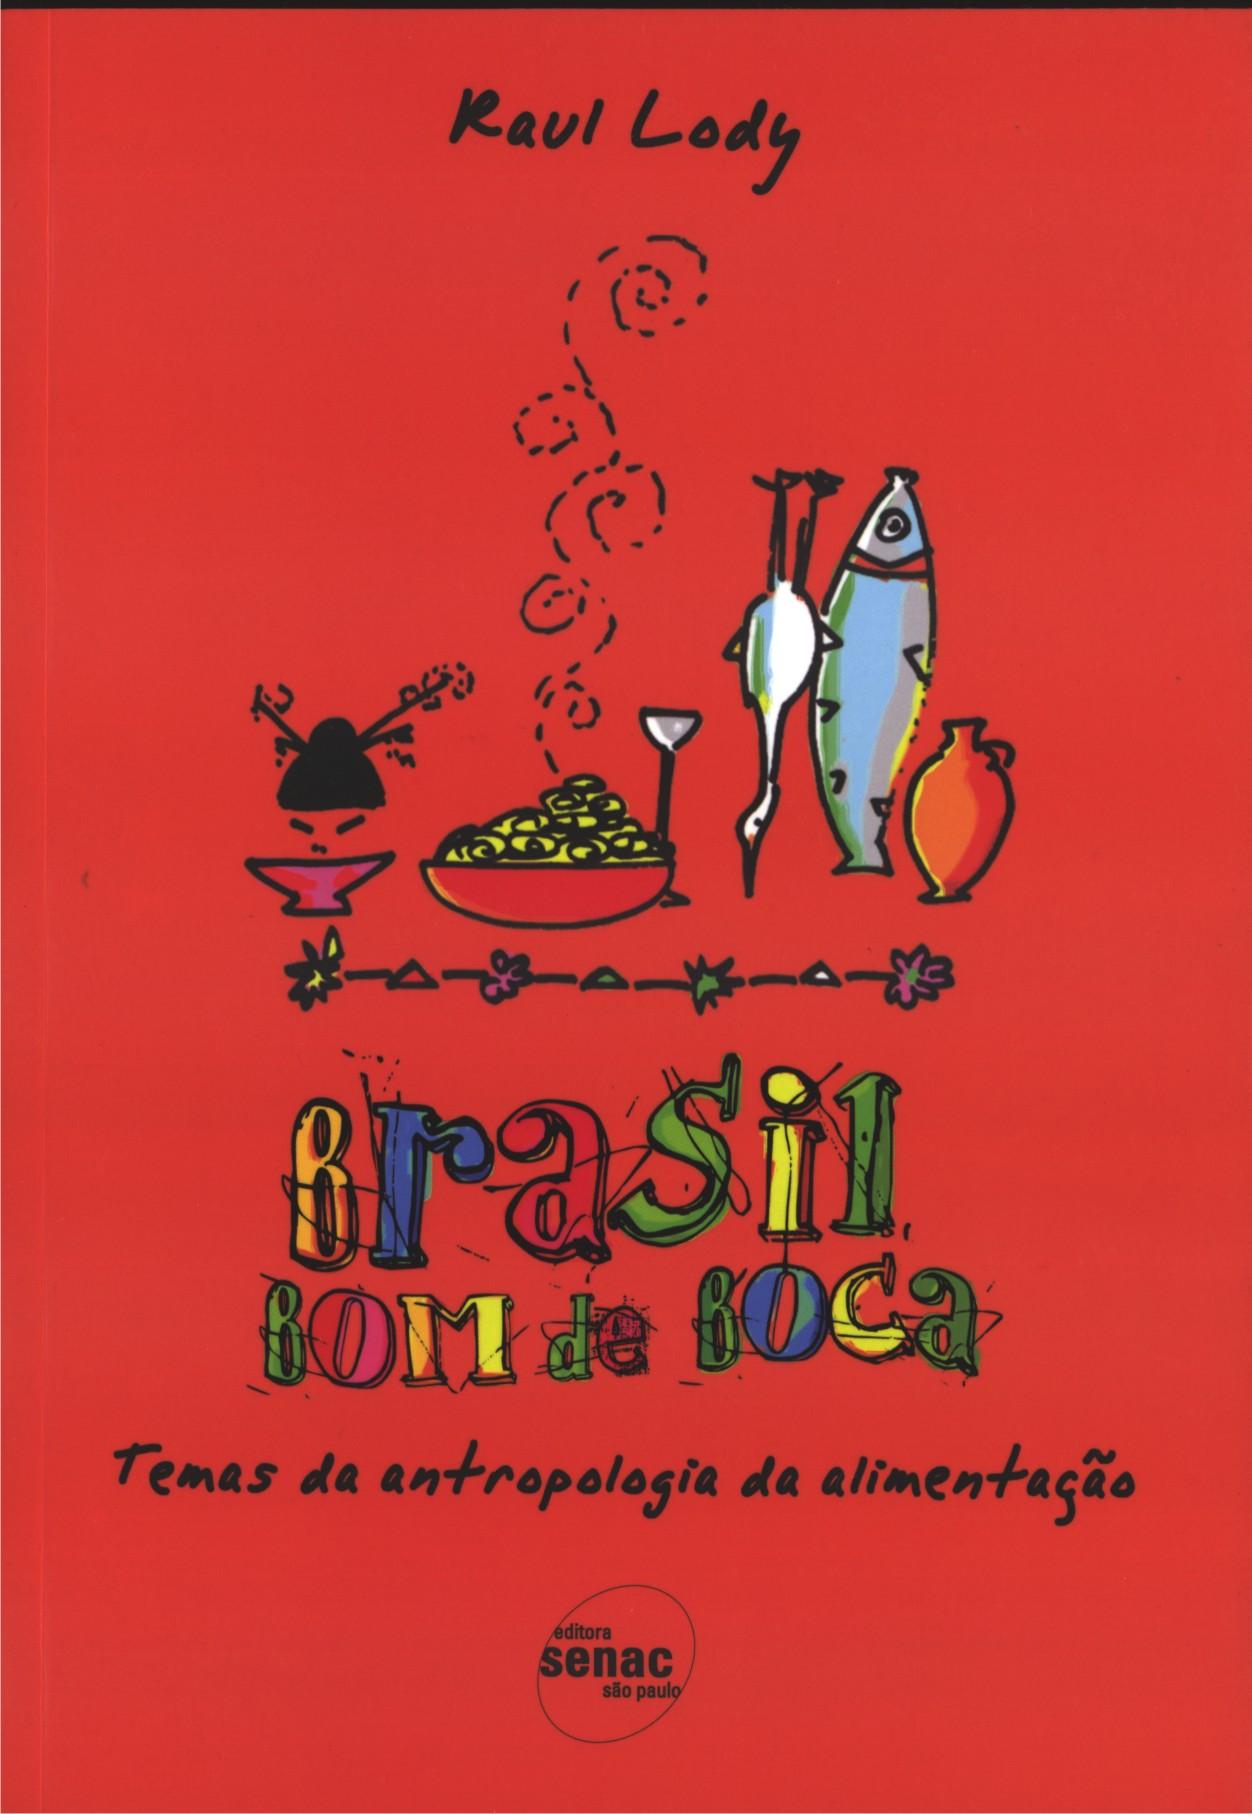 Brasil Bom de Boca - Temas da antropologia da alimentação